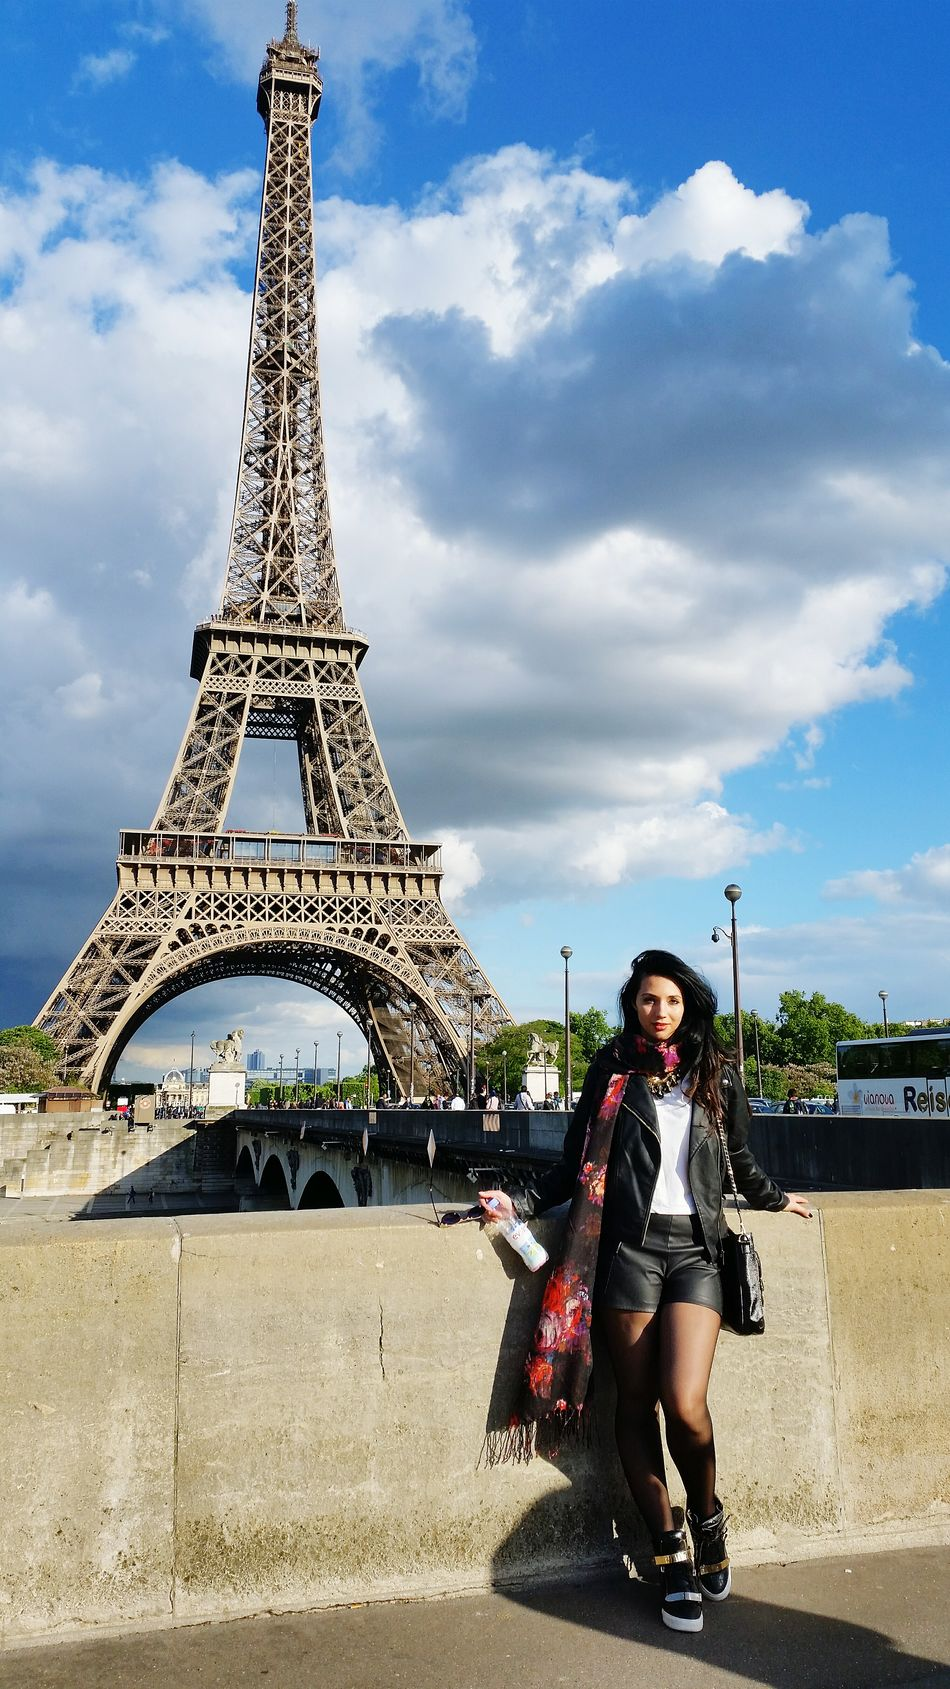 Notre Dame De Paris Parisjetaime Paris Paris, France  Paris.fr Petrapetrova Bonjour Paris Eifel Tur Aifel Tower Parislouvre